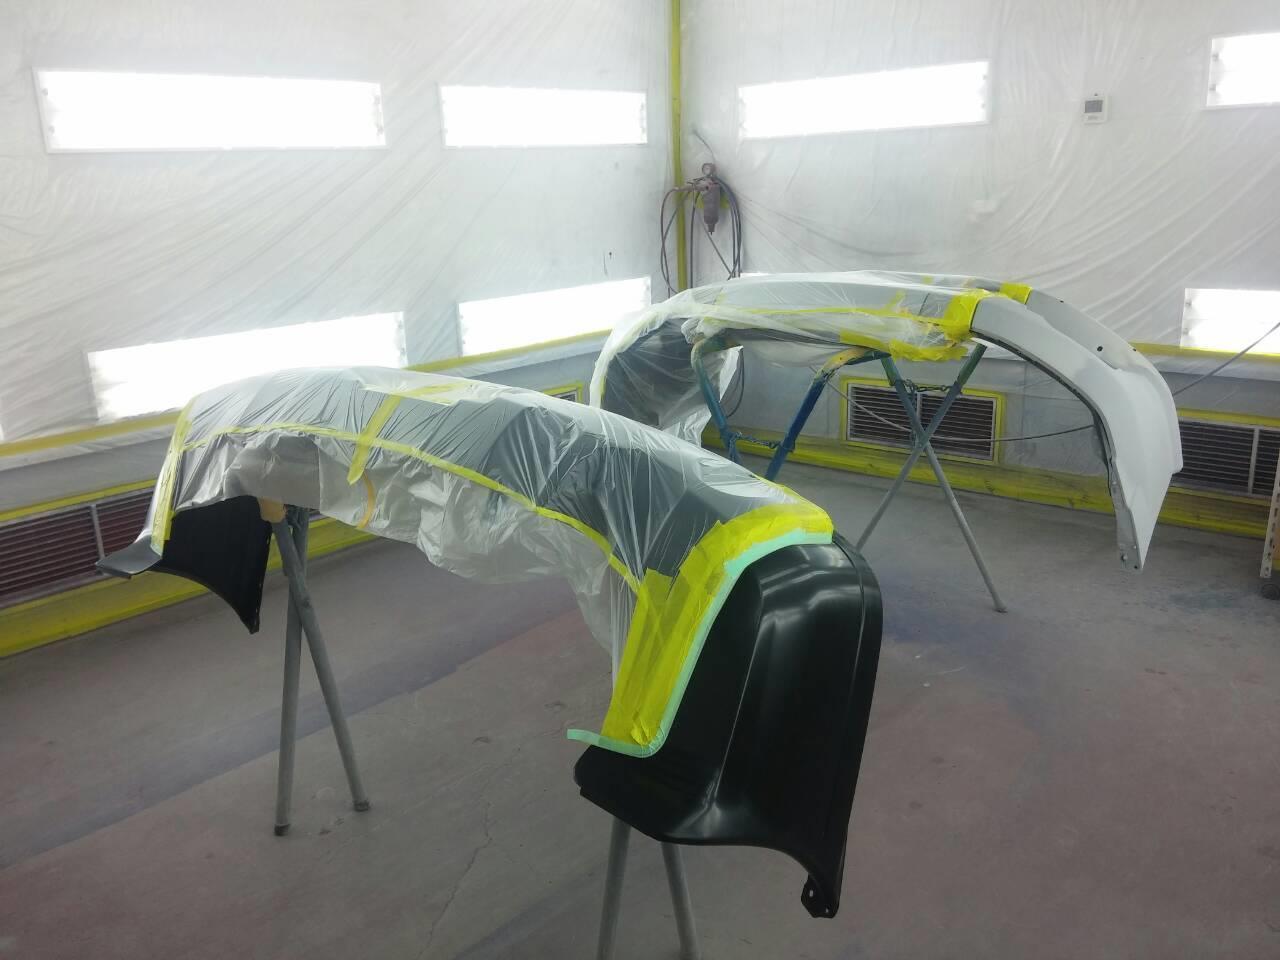 東京都立川市の車の板金塗装修理工場 ガレージローライドの三菱 RVRのリヤまわりのキズ へこみ の板金 修理 塗装 です。